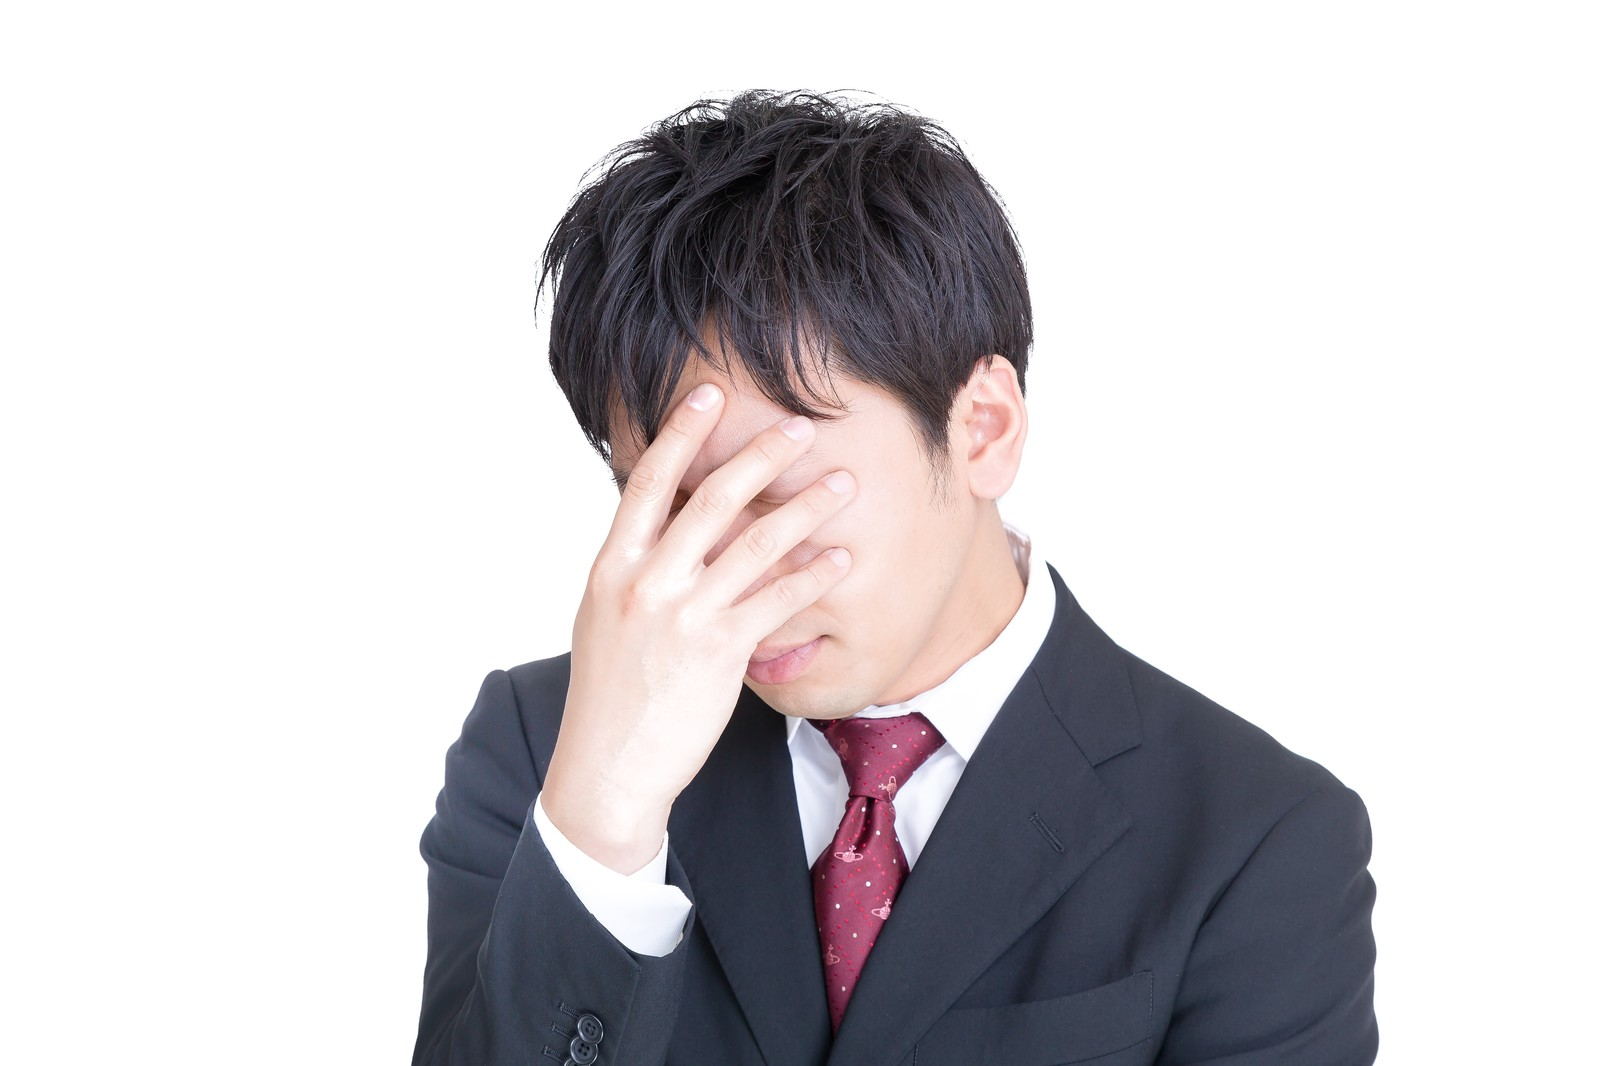 仕事のミスによる損害賠償